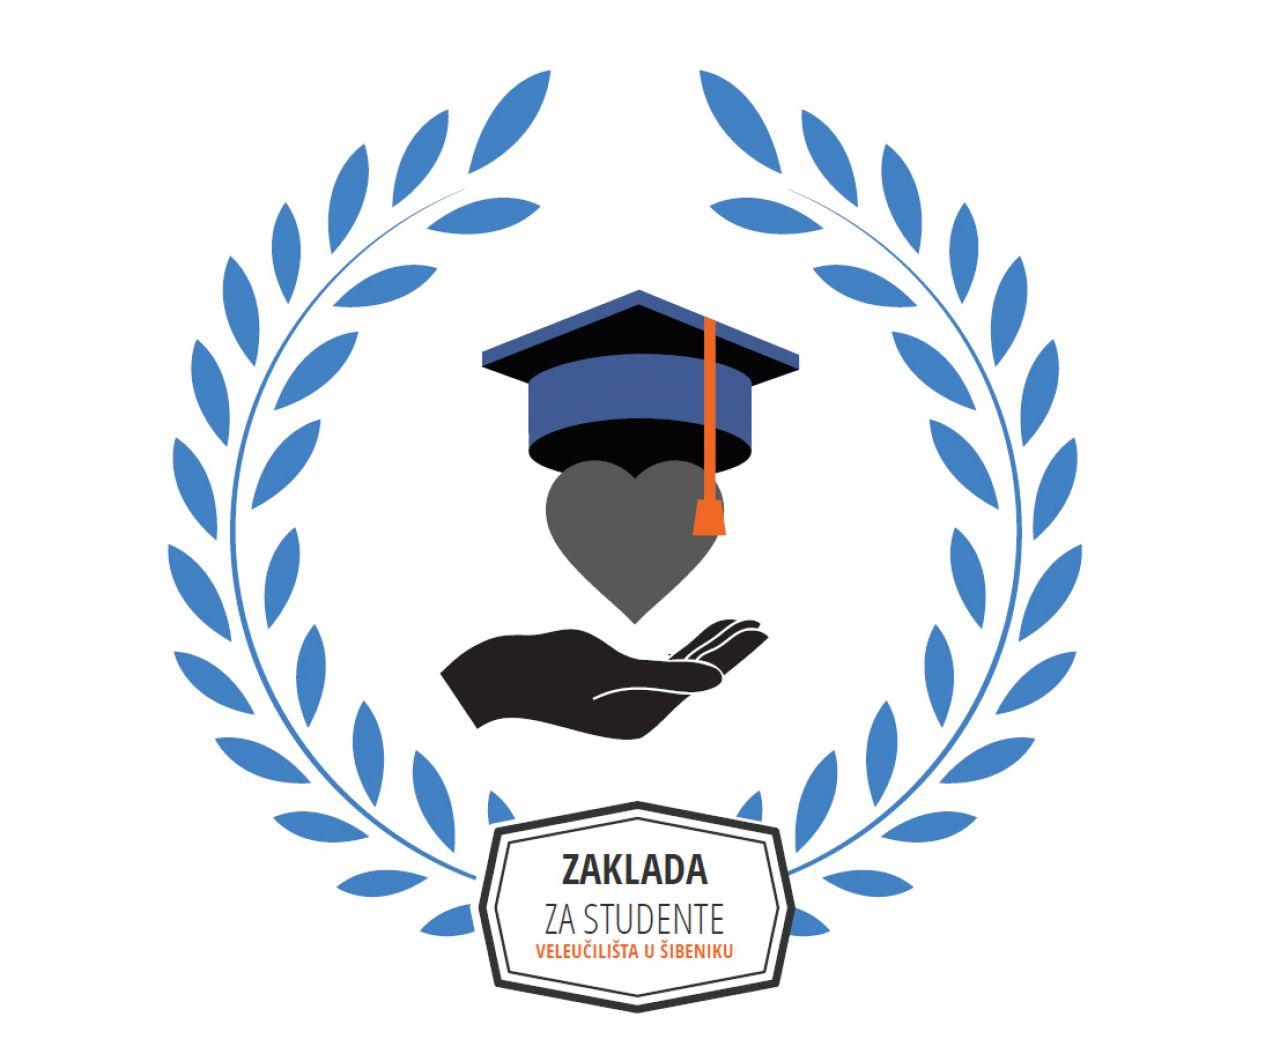 Zaklada za studente Veleučilišta u Šibeniku